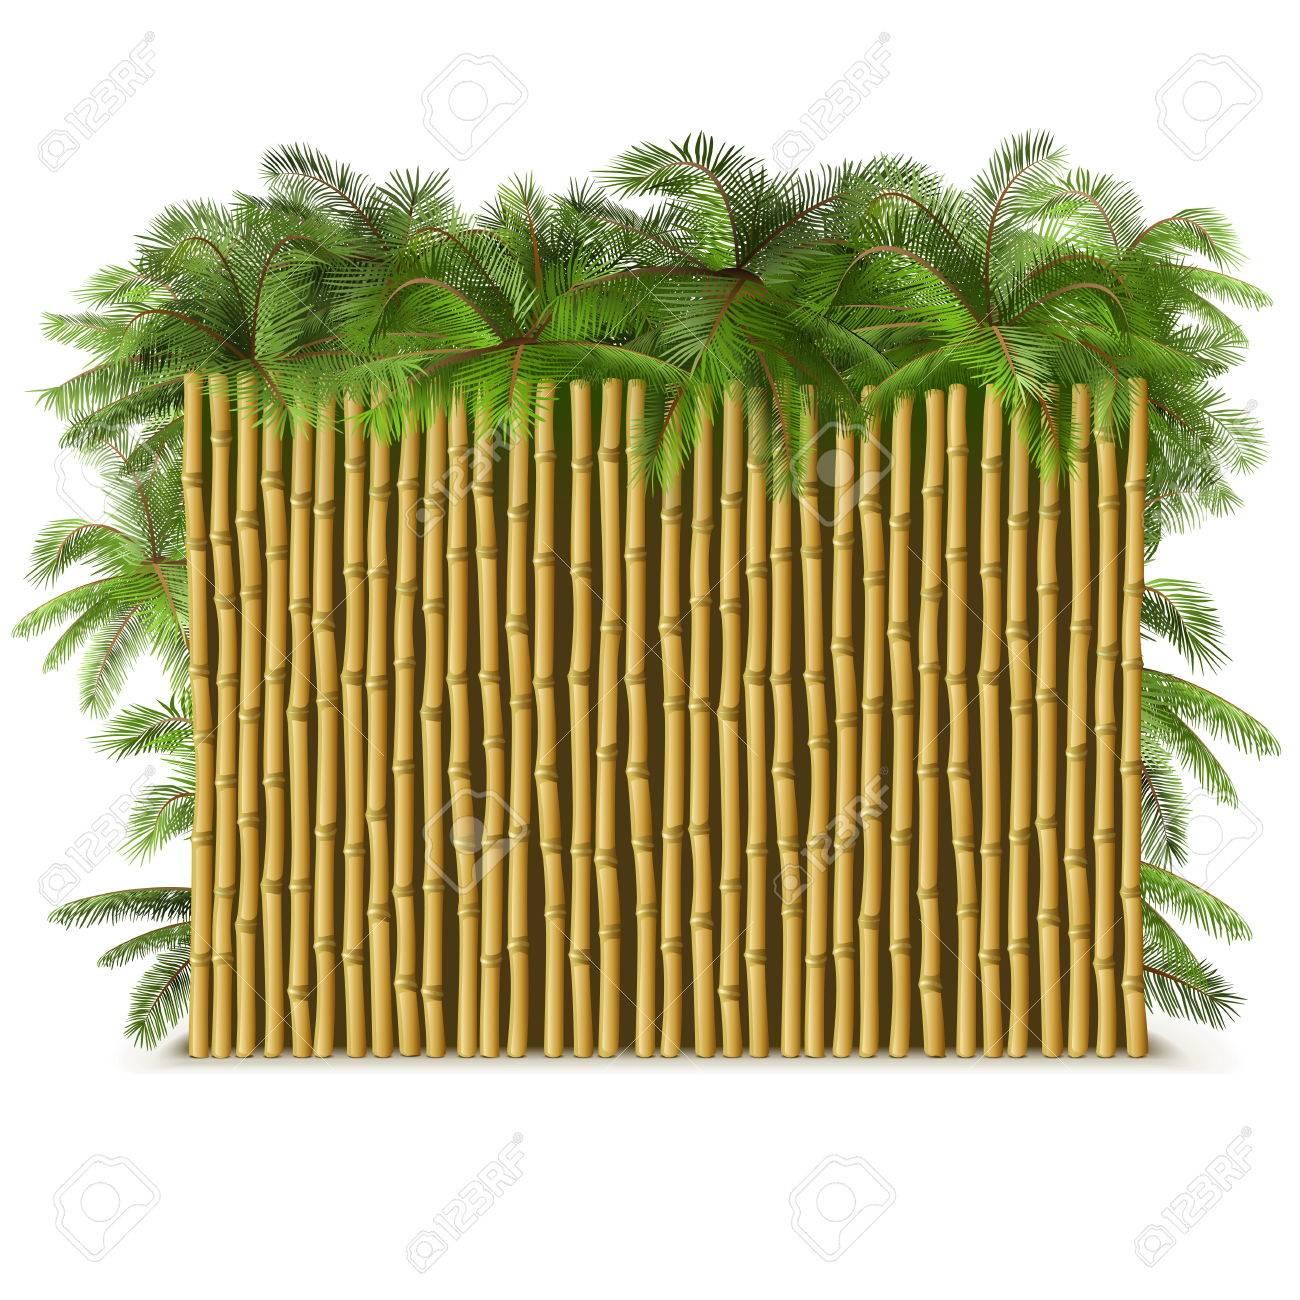 vector bambuszaun mit palm isoliert auf weißem hintergrund